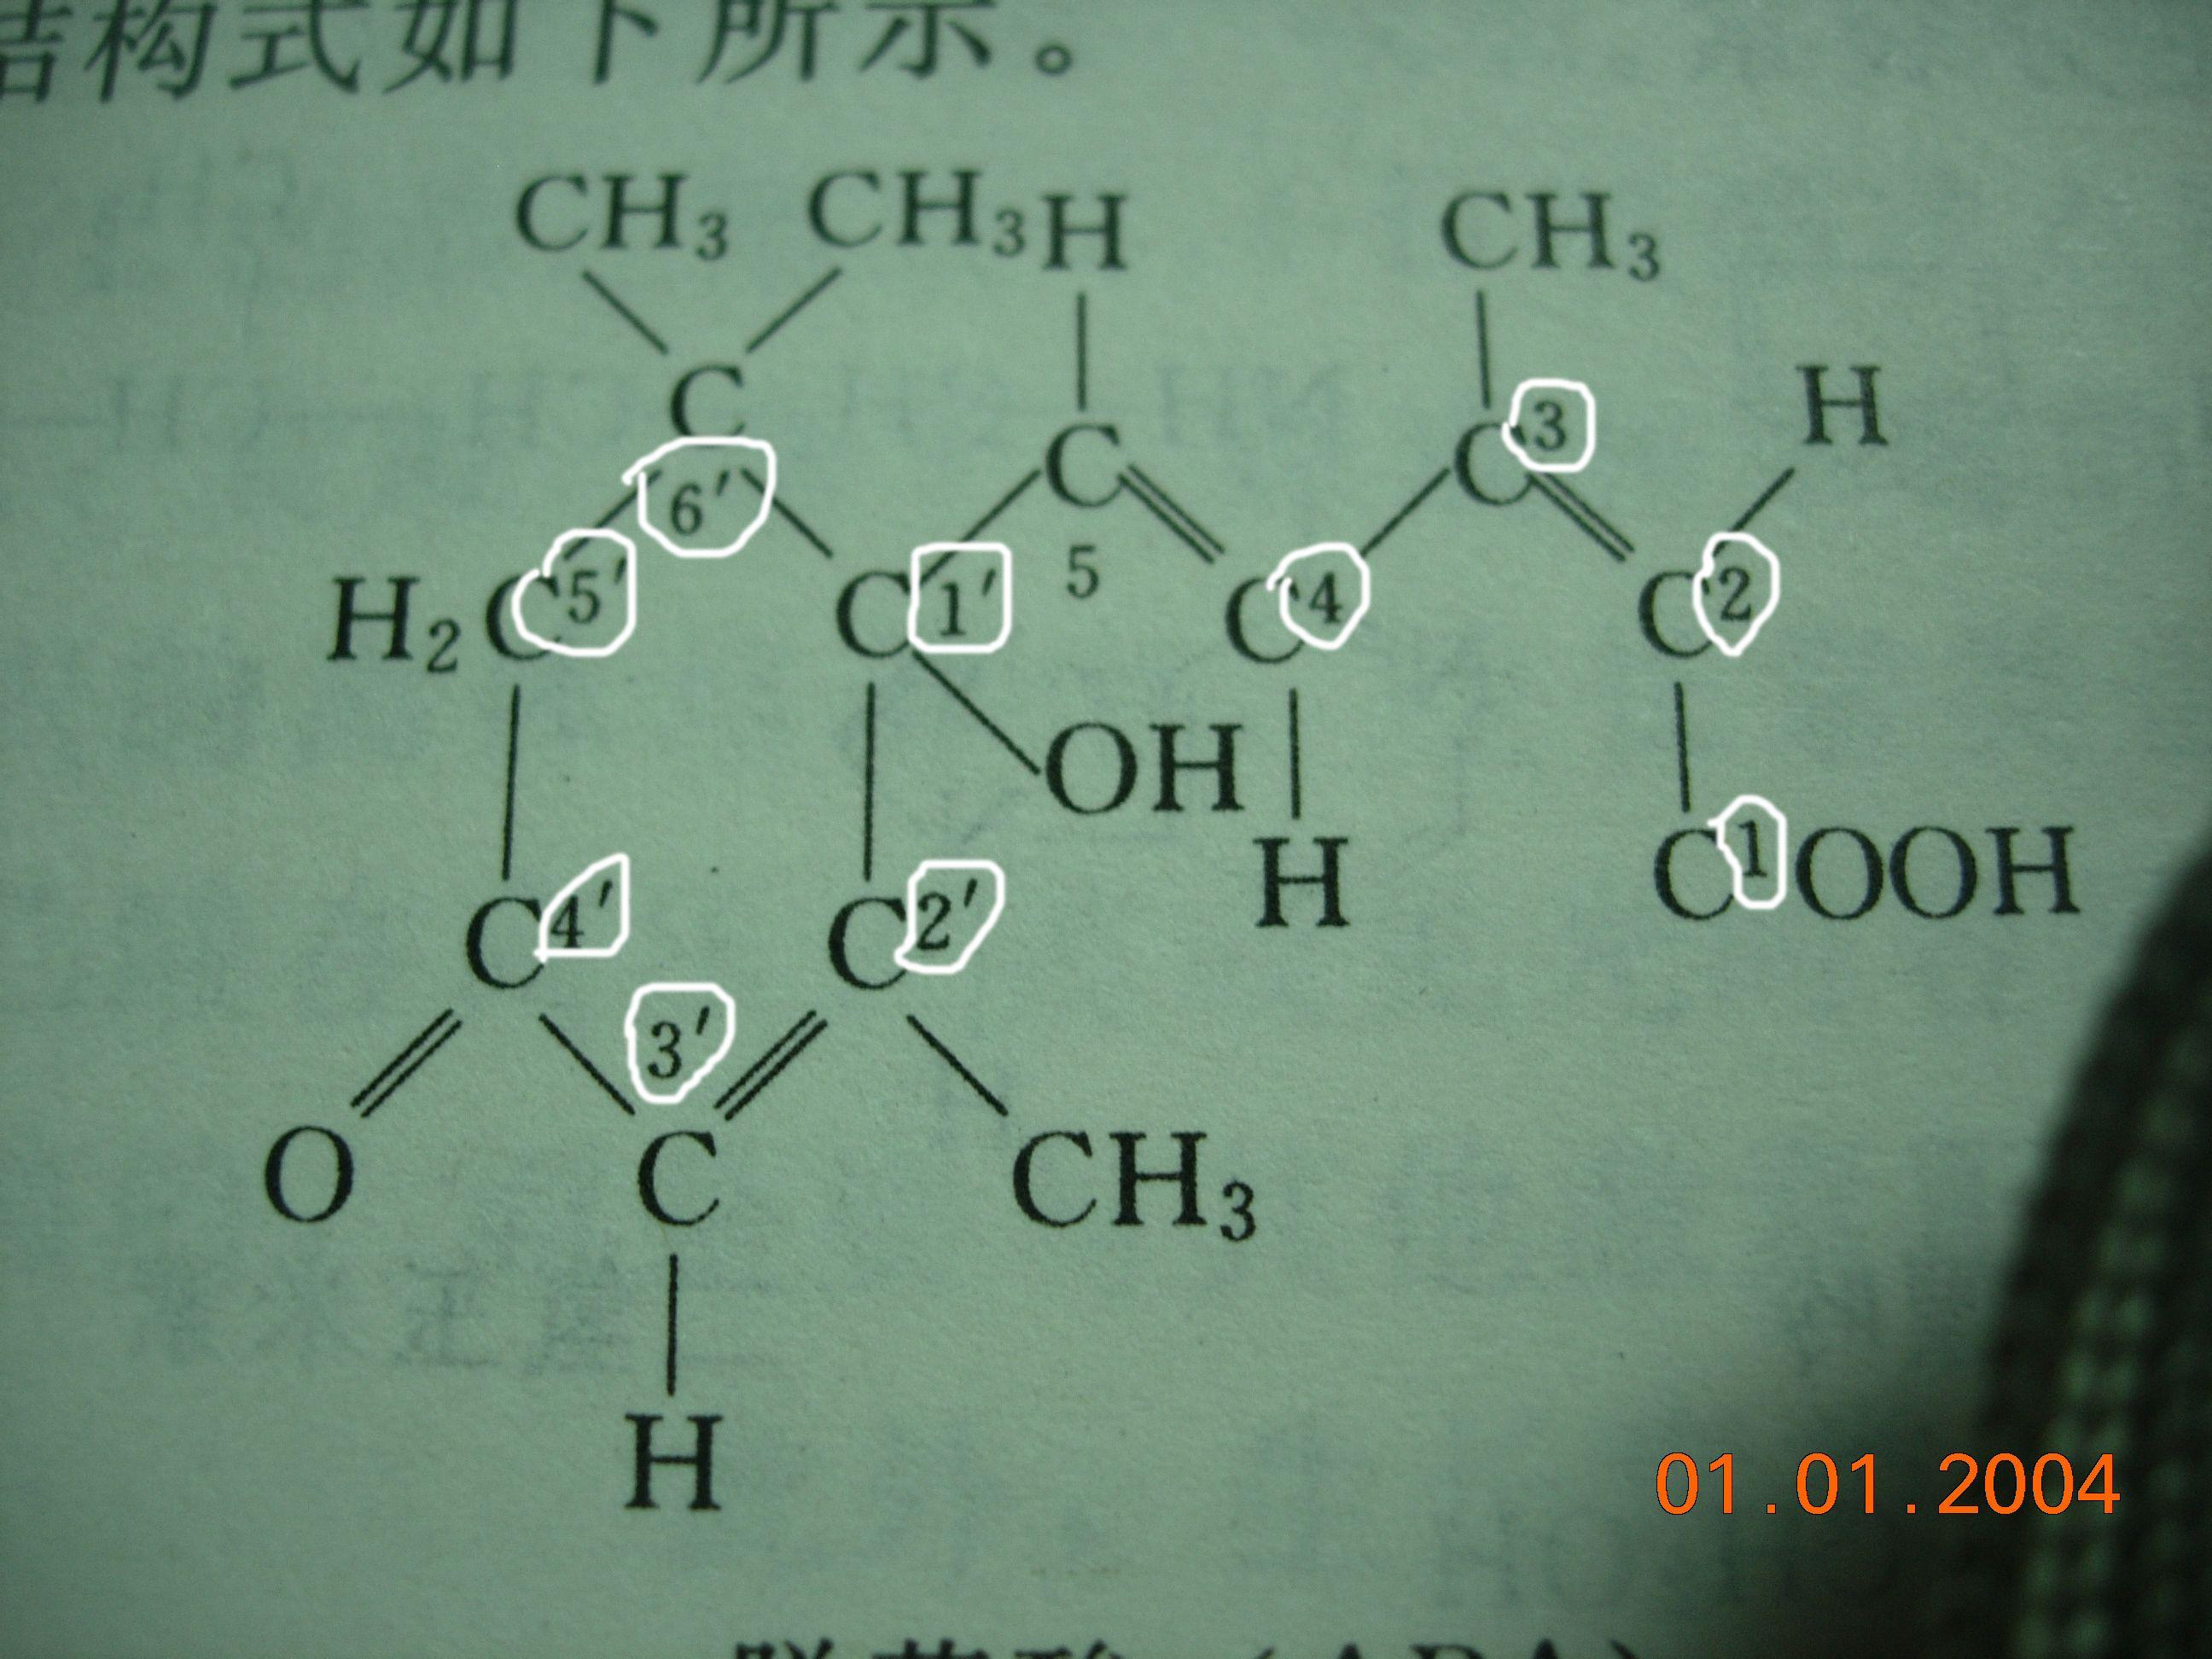 化学结构图中,有的元素符号上方或右上角标有高清 ...